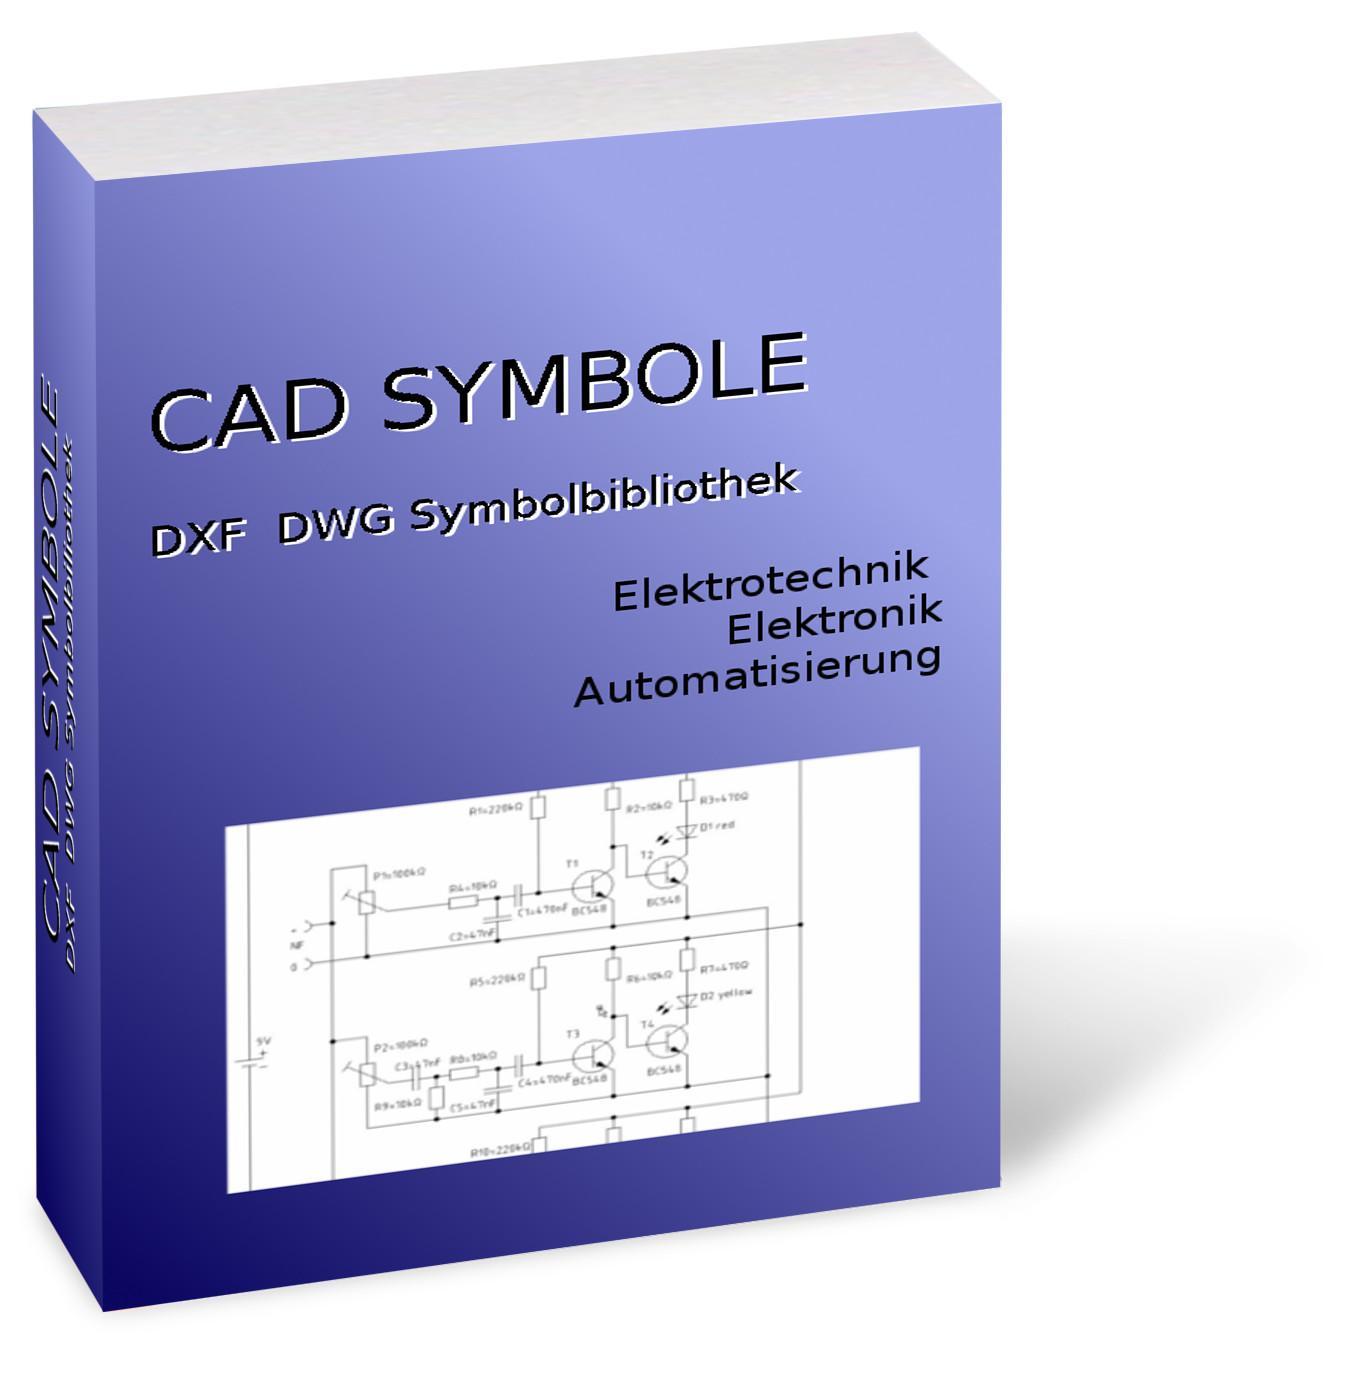 Elektro Symbolbibliothek - CAD SYMBOLE